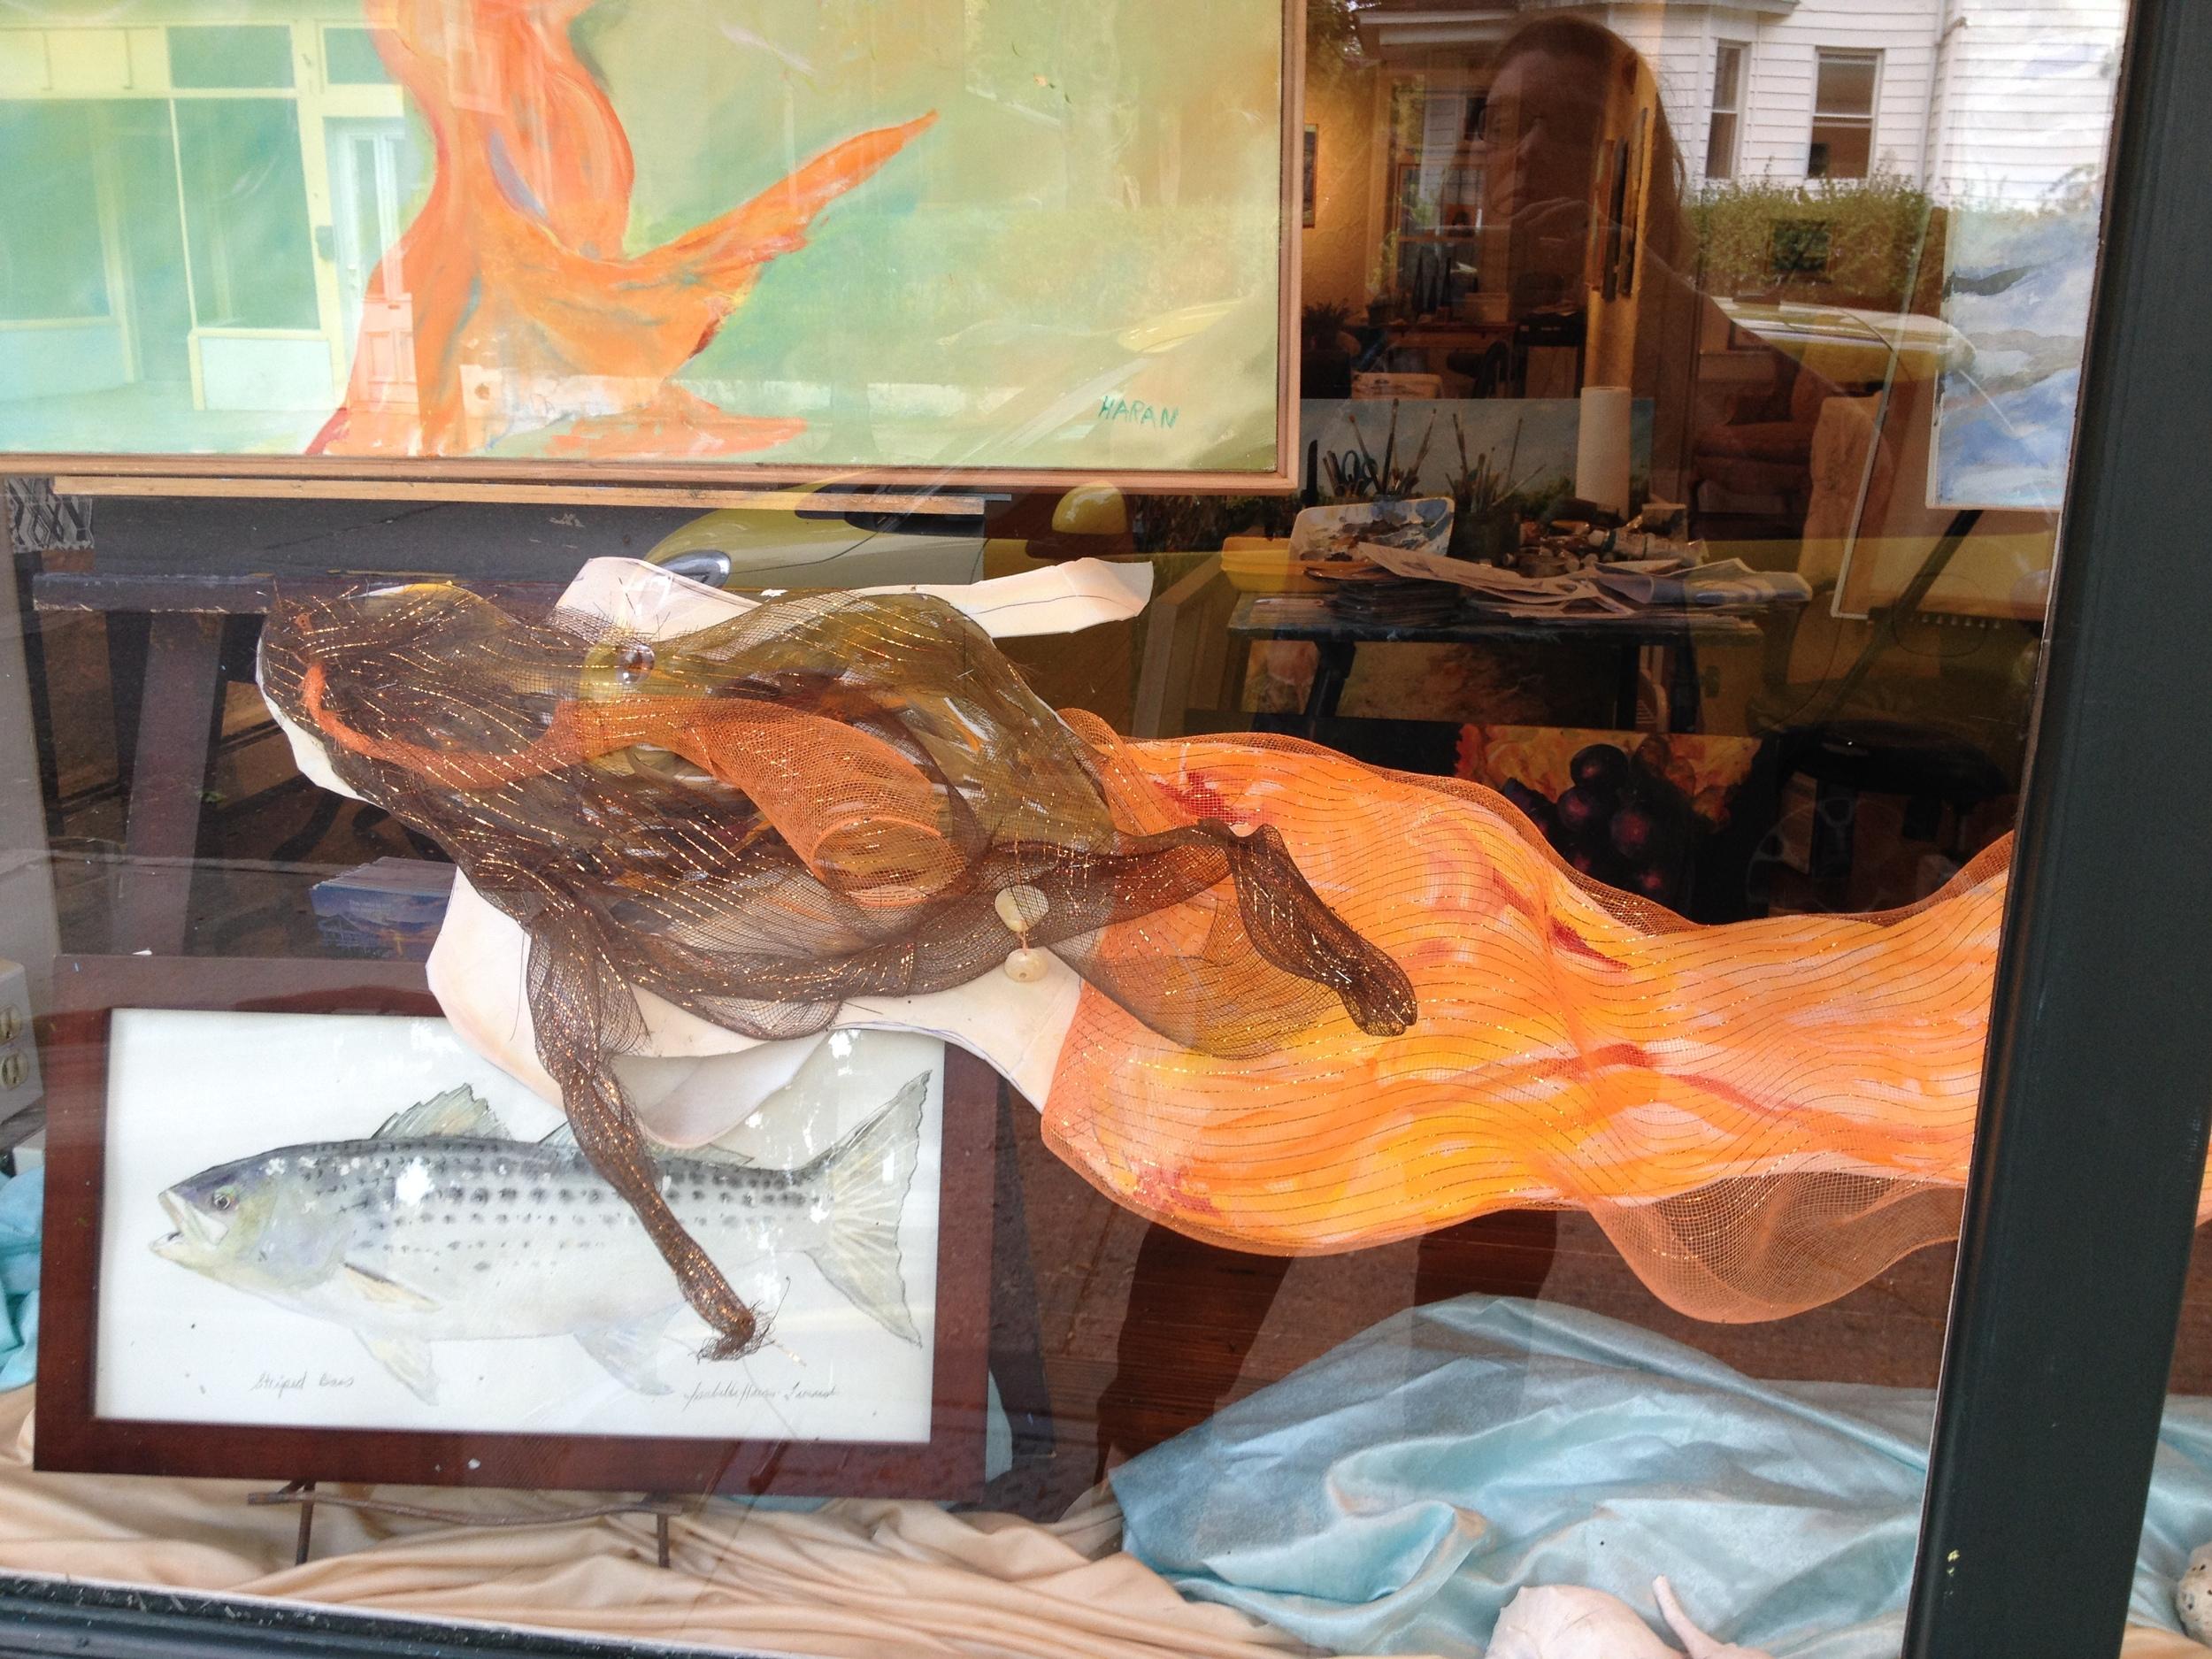 mermaid-window.jpg